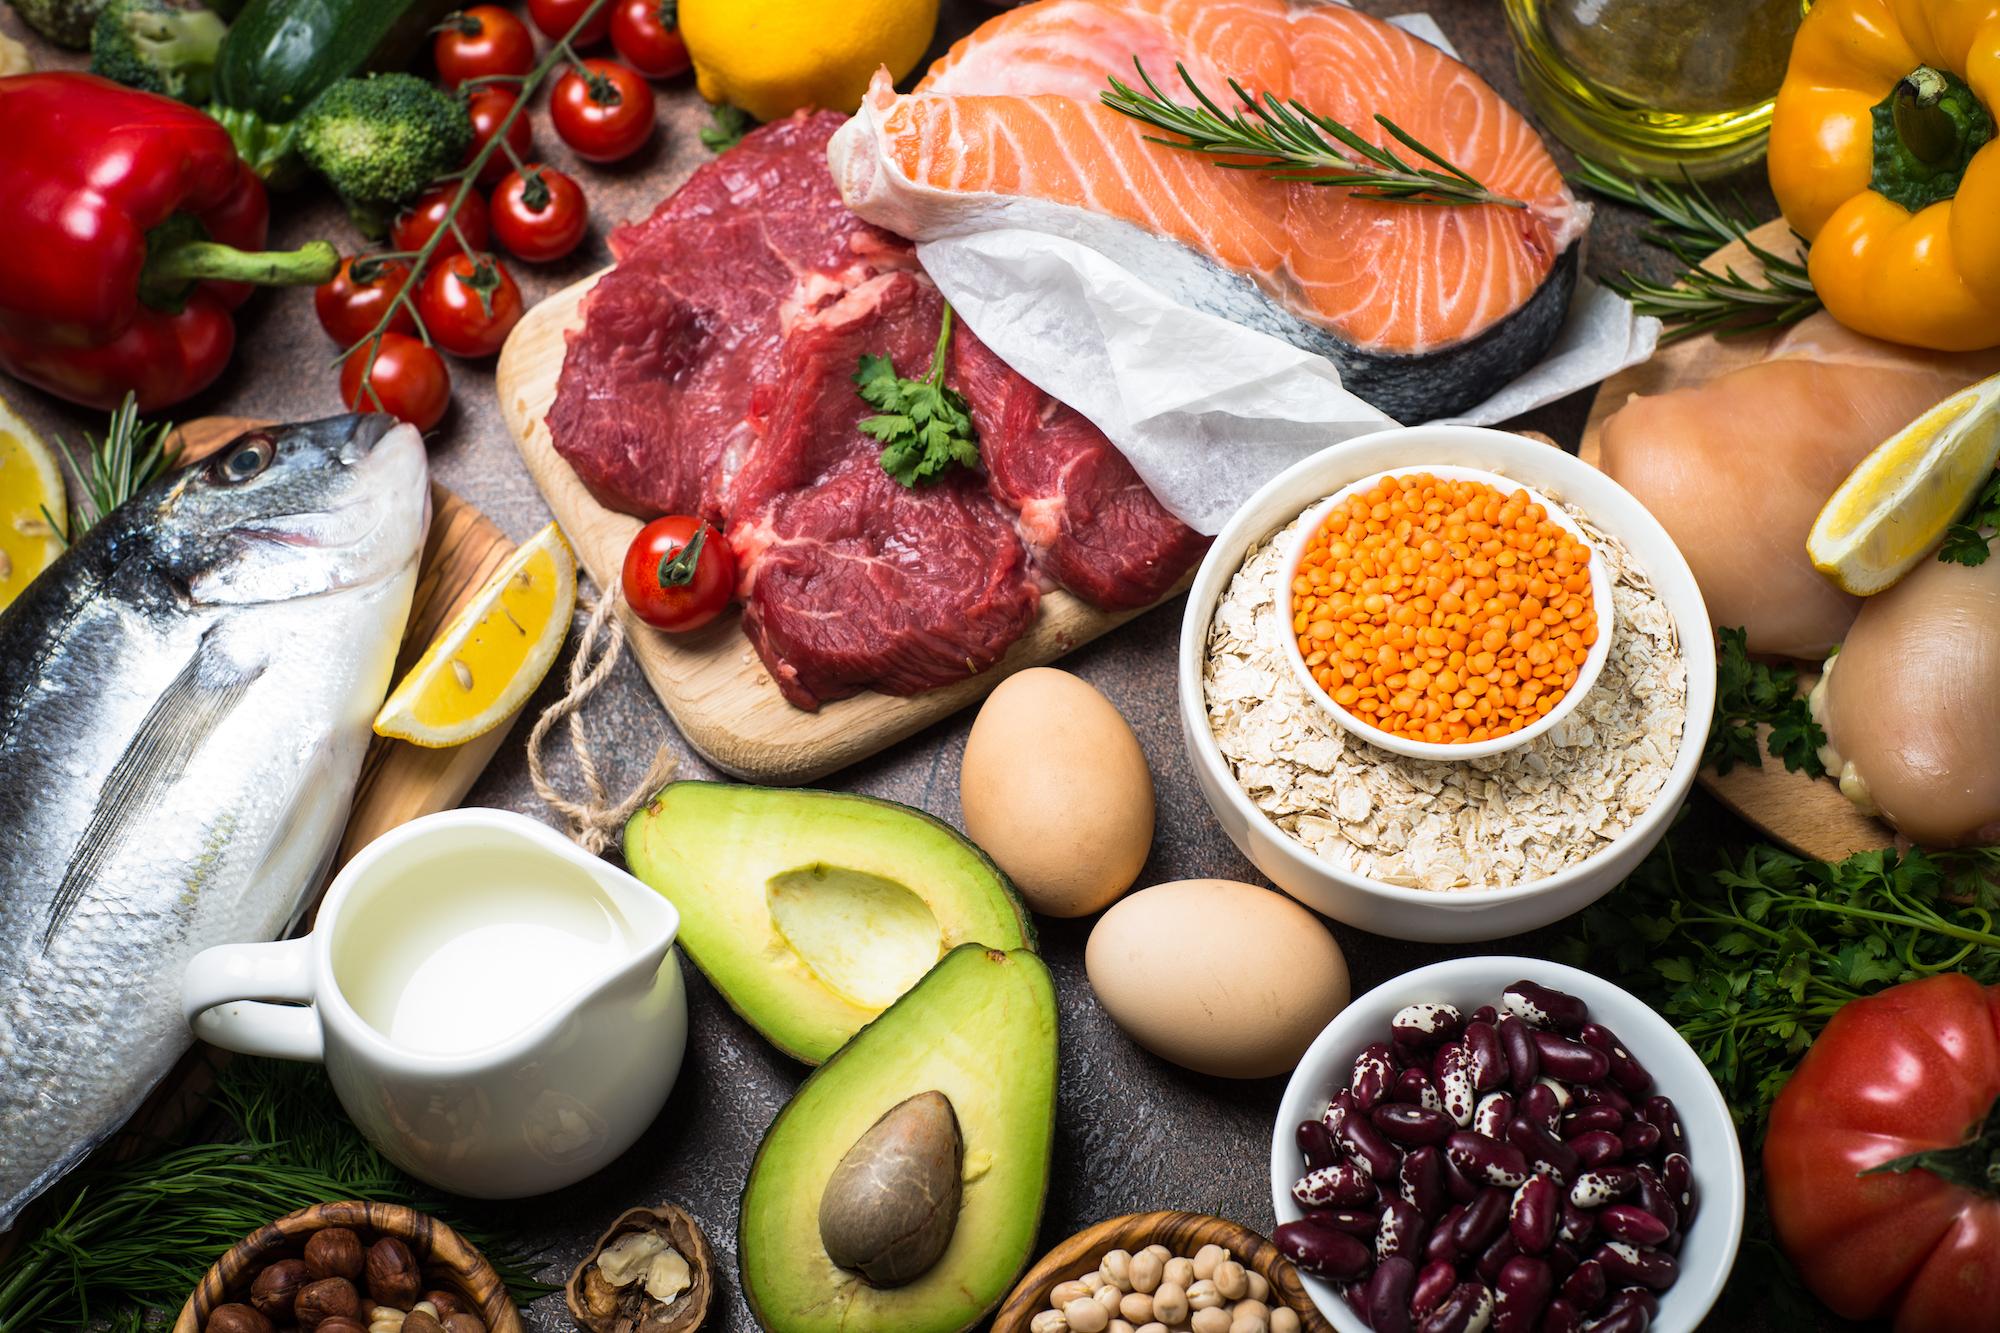 関節リウマチ食事改善で参考になるもの